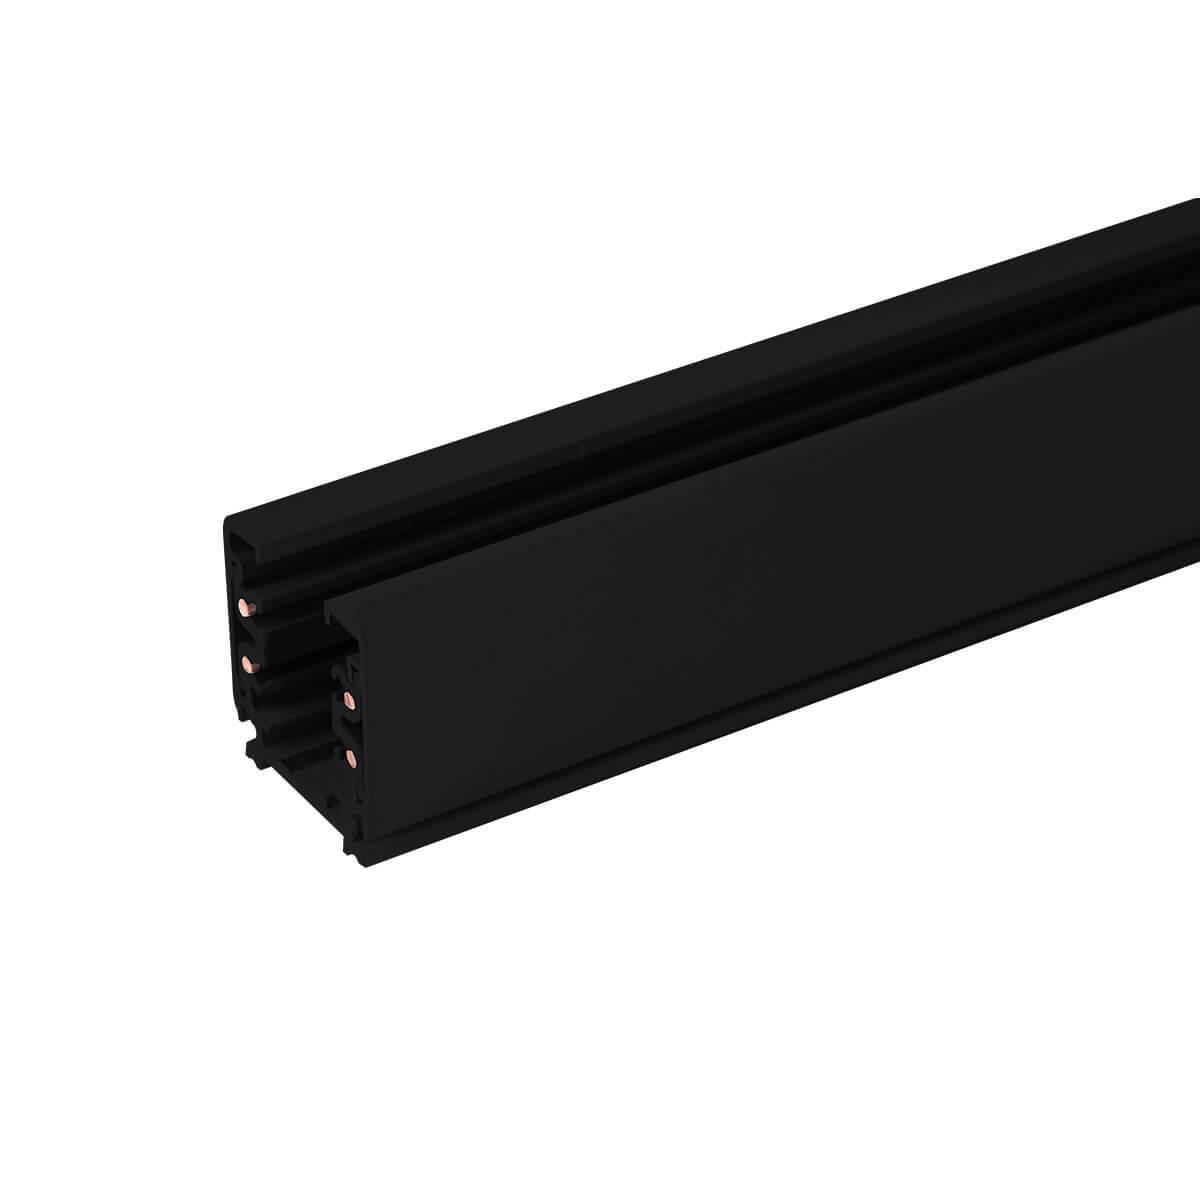 Шинопровод Elektrostandard 4690389112638 TRL-1-3 шинопровод elektrostandard 4690389134302 trl 1 1